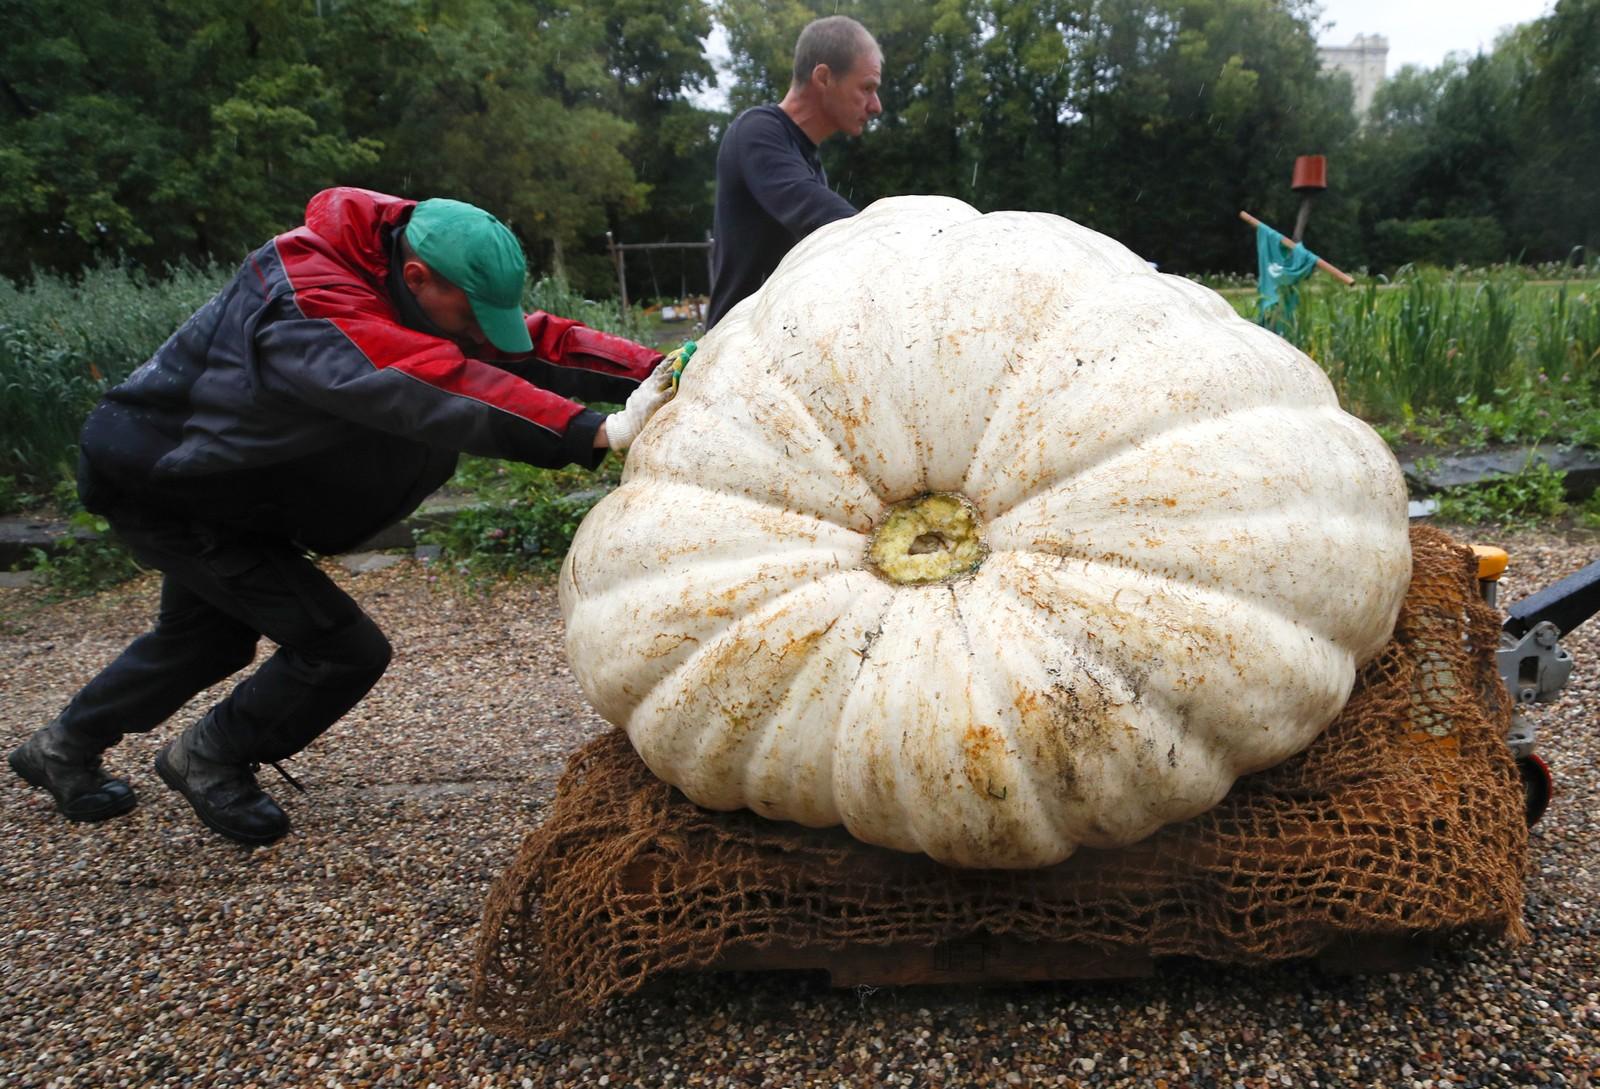 Et kjempestort kjempegresskar skal vises fram i den botaniske hagen i Moskva. Gresskaret veide over 430 kilo da bildet ble tatt.